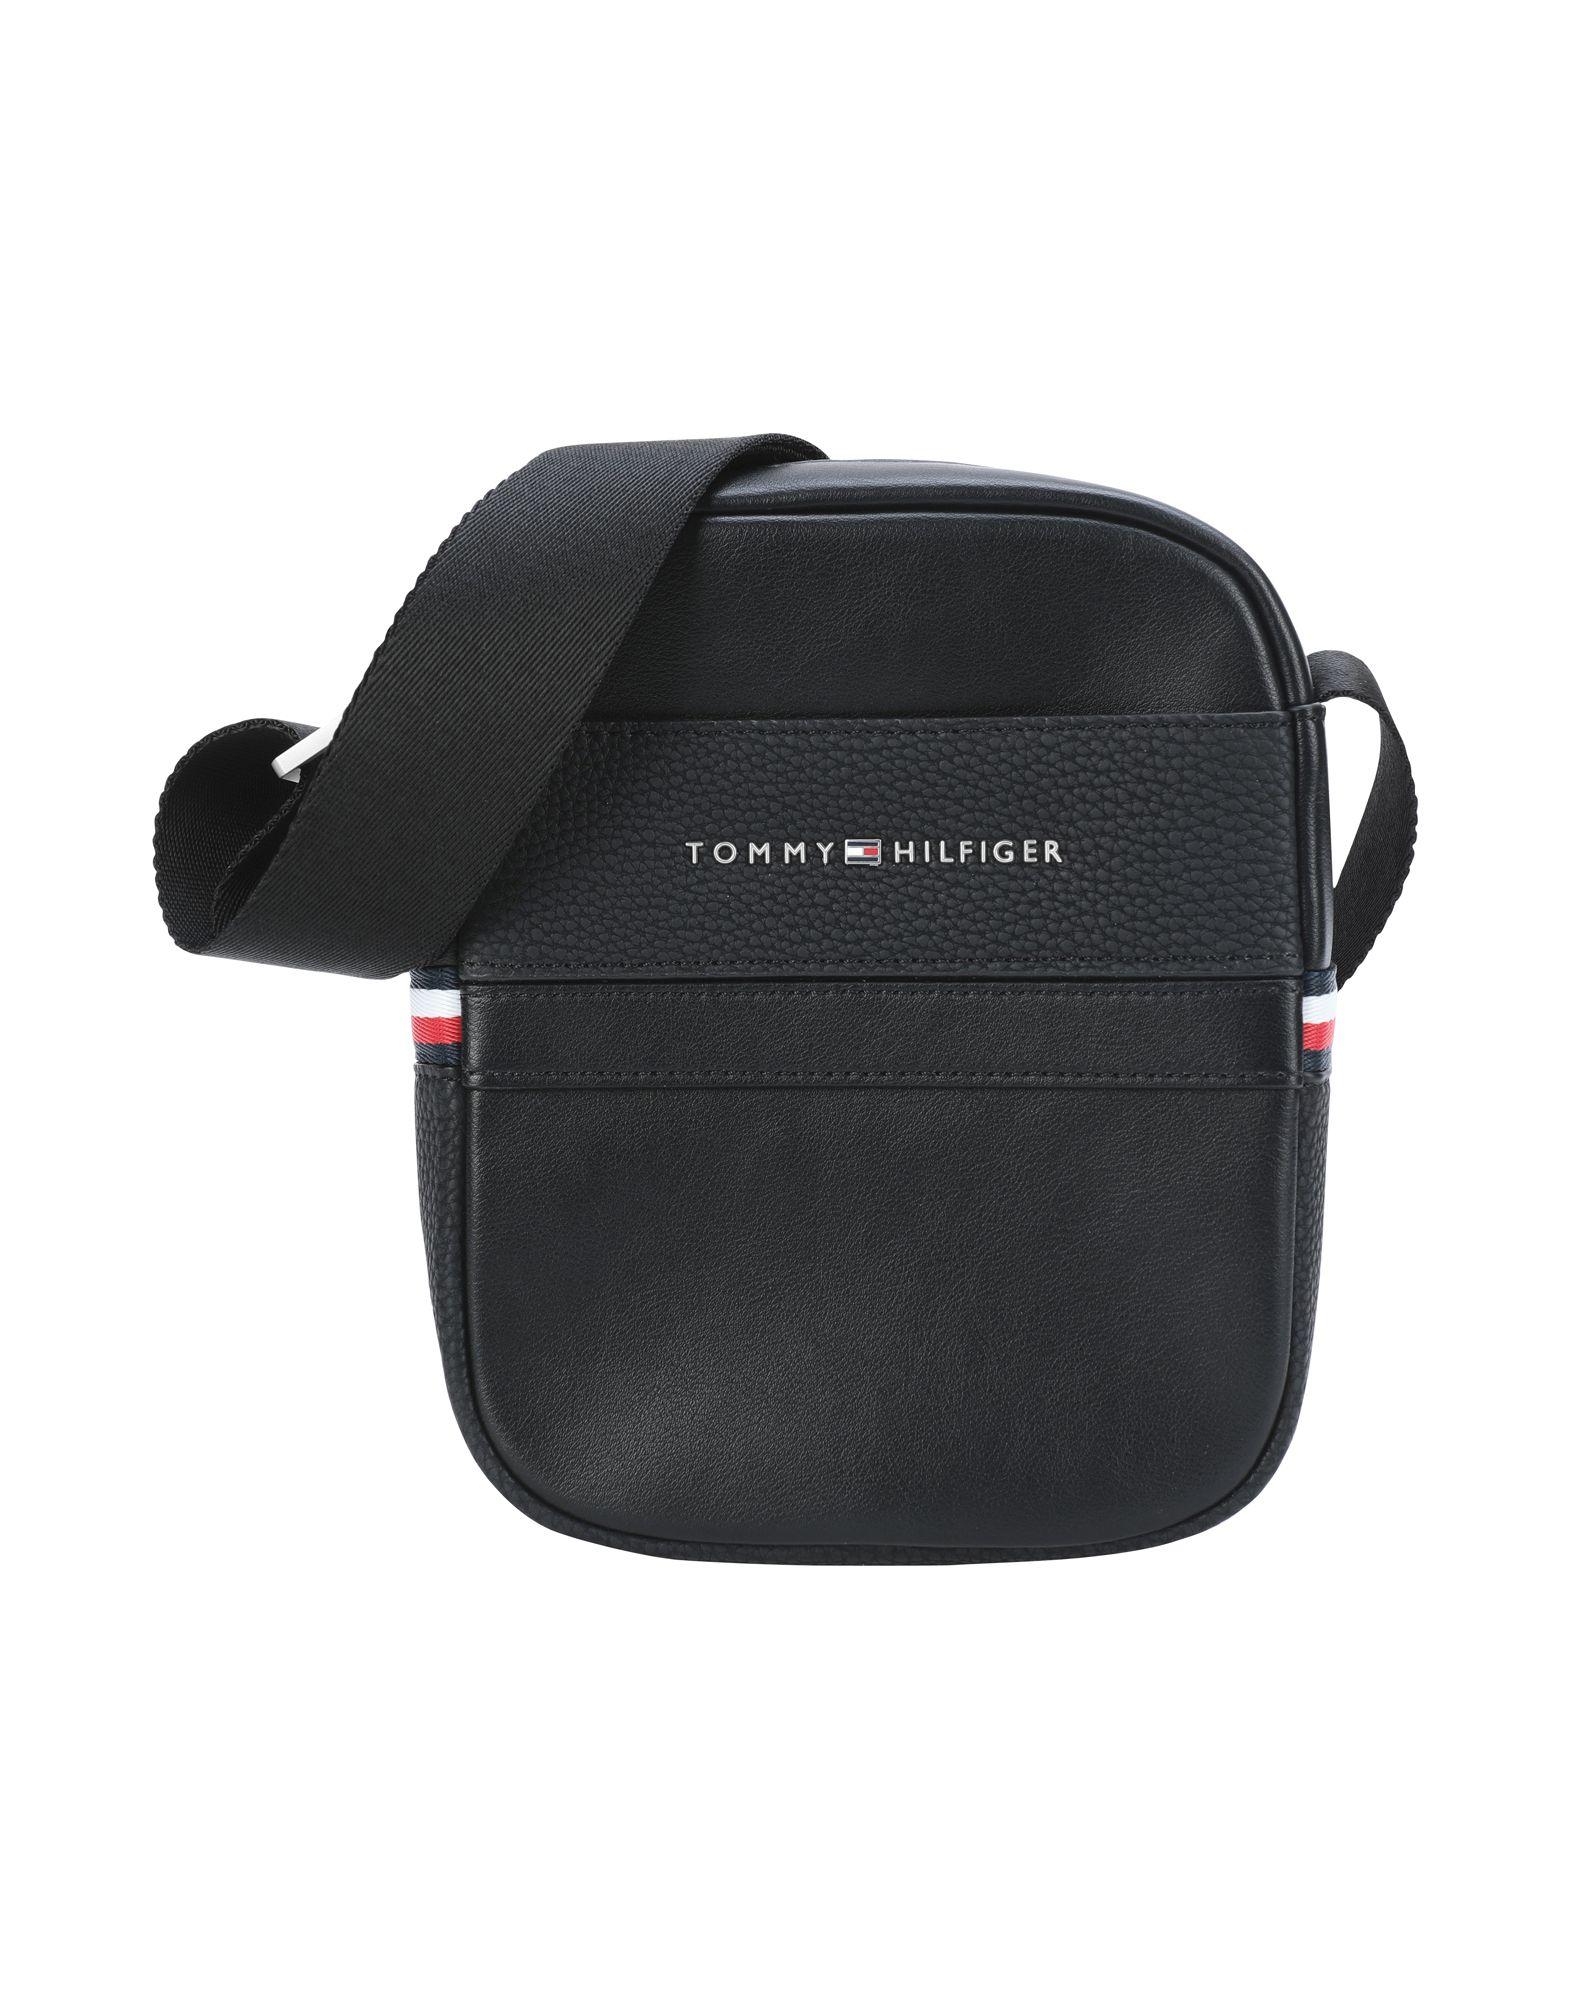 TOMMY HILFIGER Сумка через плечо сумка через плечо anais gvani croco ag 1471 350161